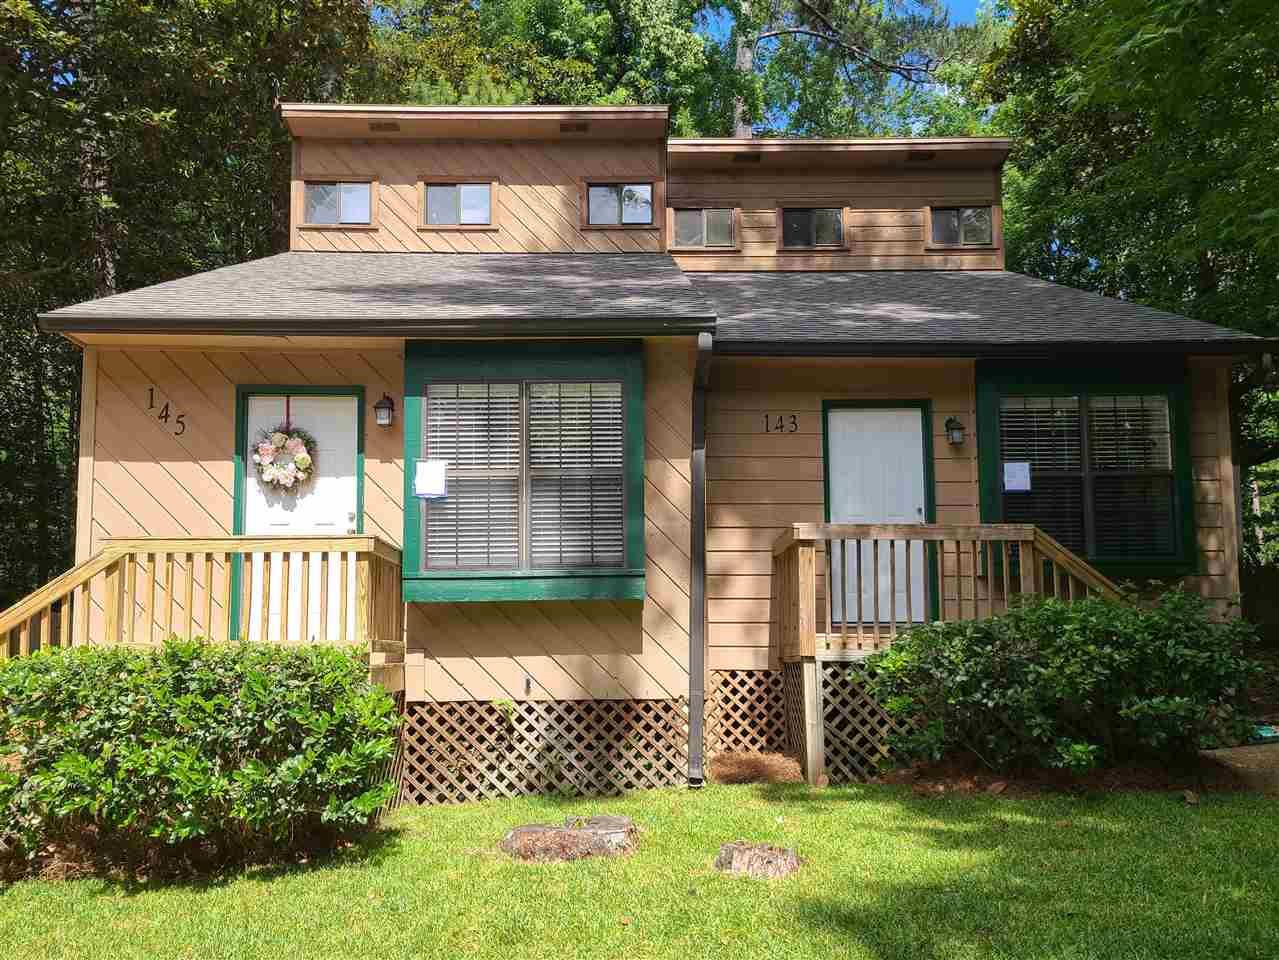 145 PARKBROOK Circle, Tallahassee, FL 32301 - MLS#: 337221